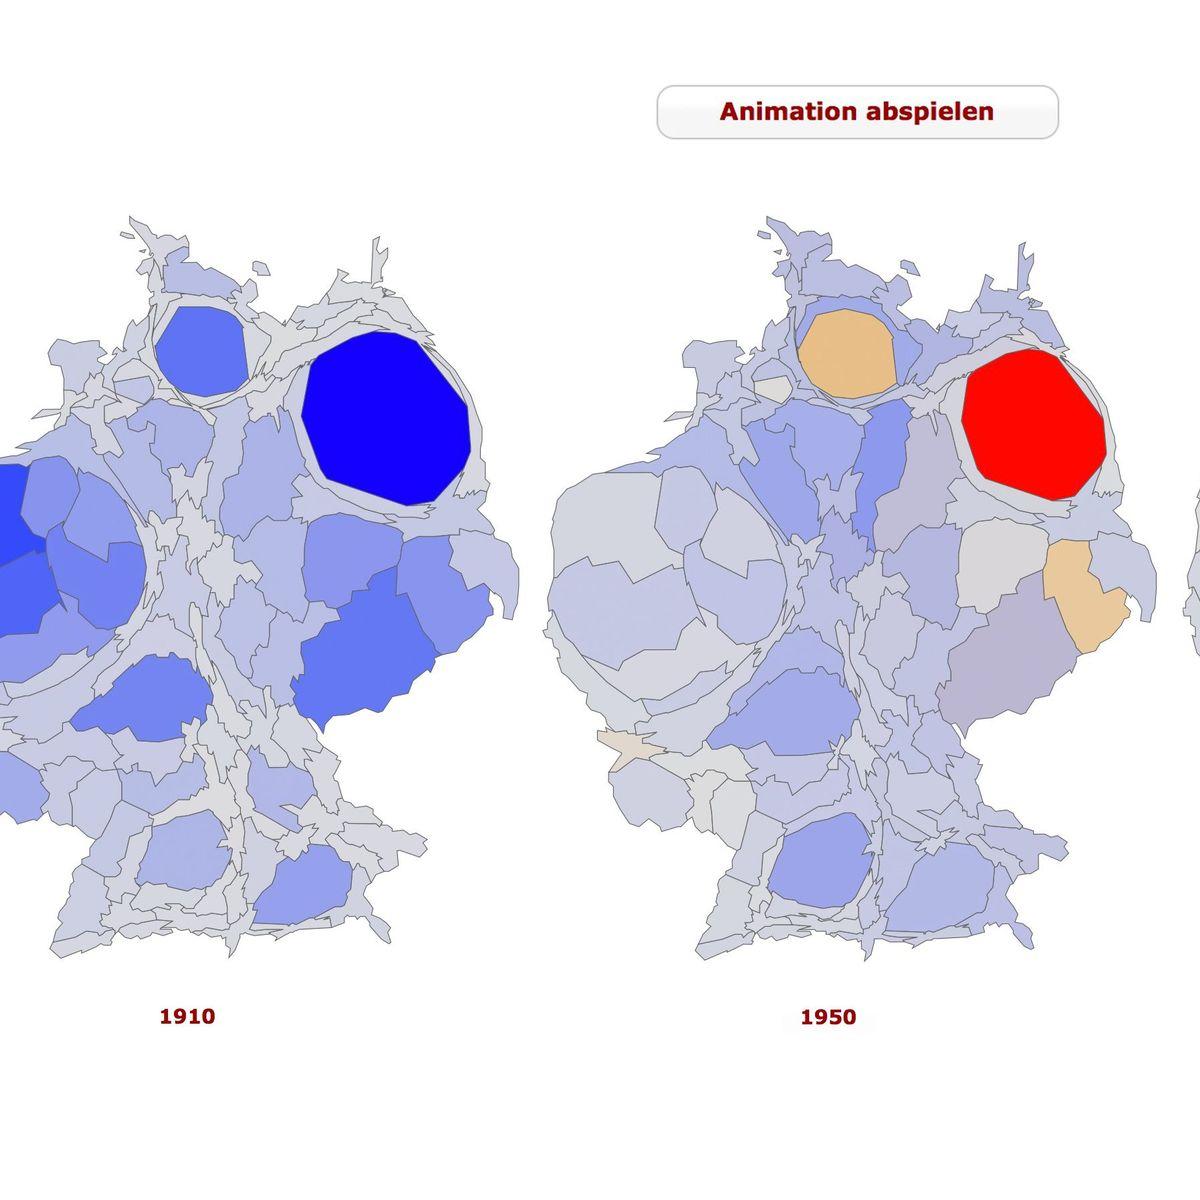 Datenlese 175 Jahre Im Zeitraffer Bevolkerung Morphing Der Spiegel